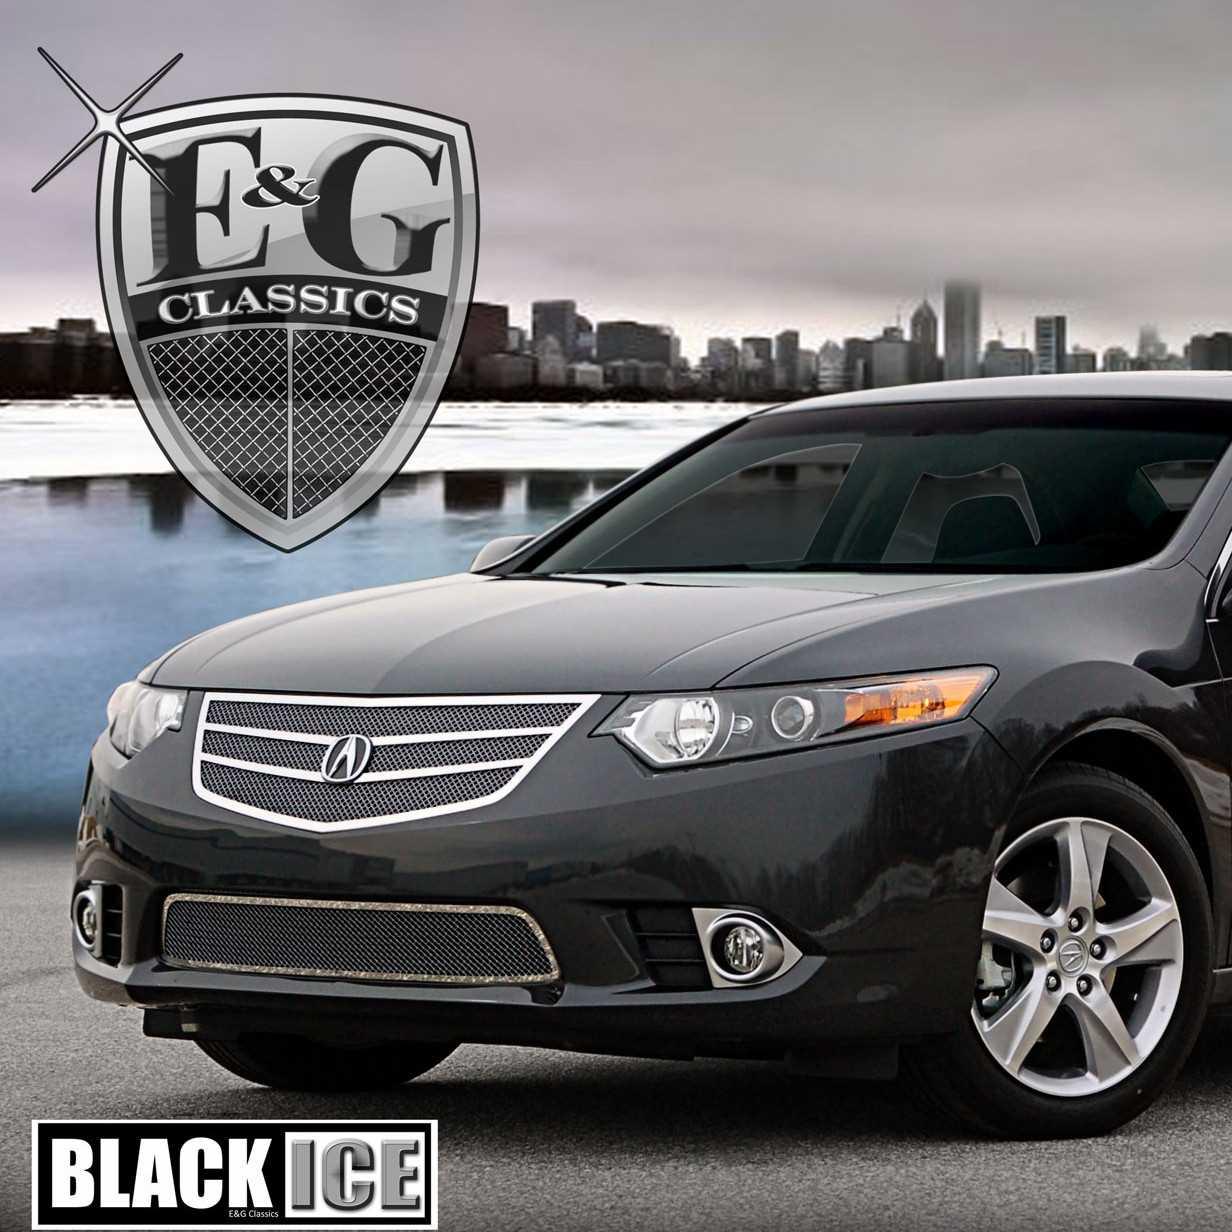 EG Classics Acura TSX Grille Pc Fine Mesh Black Ice - Acura tsx grill